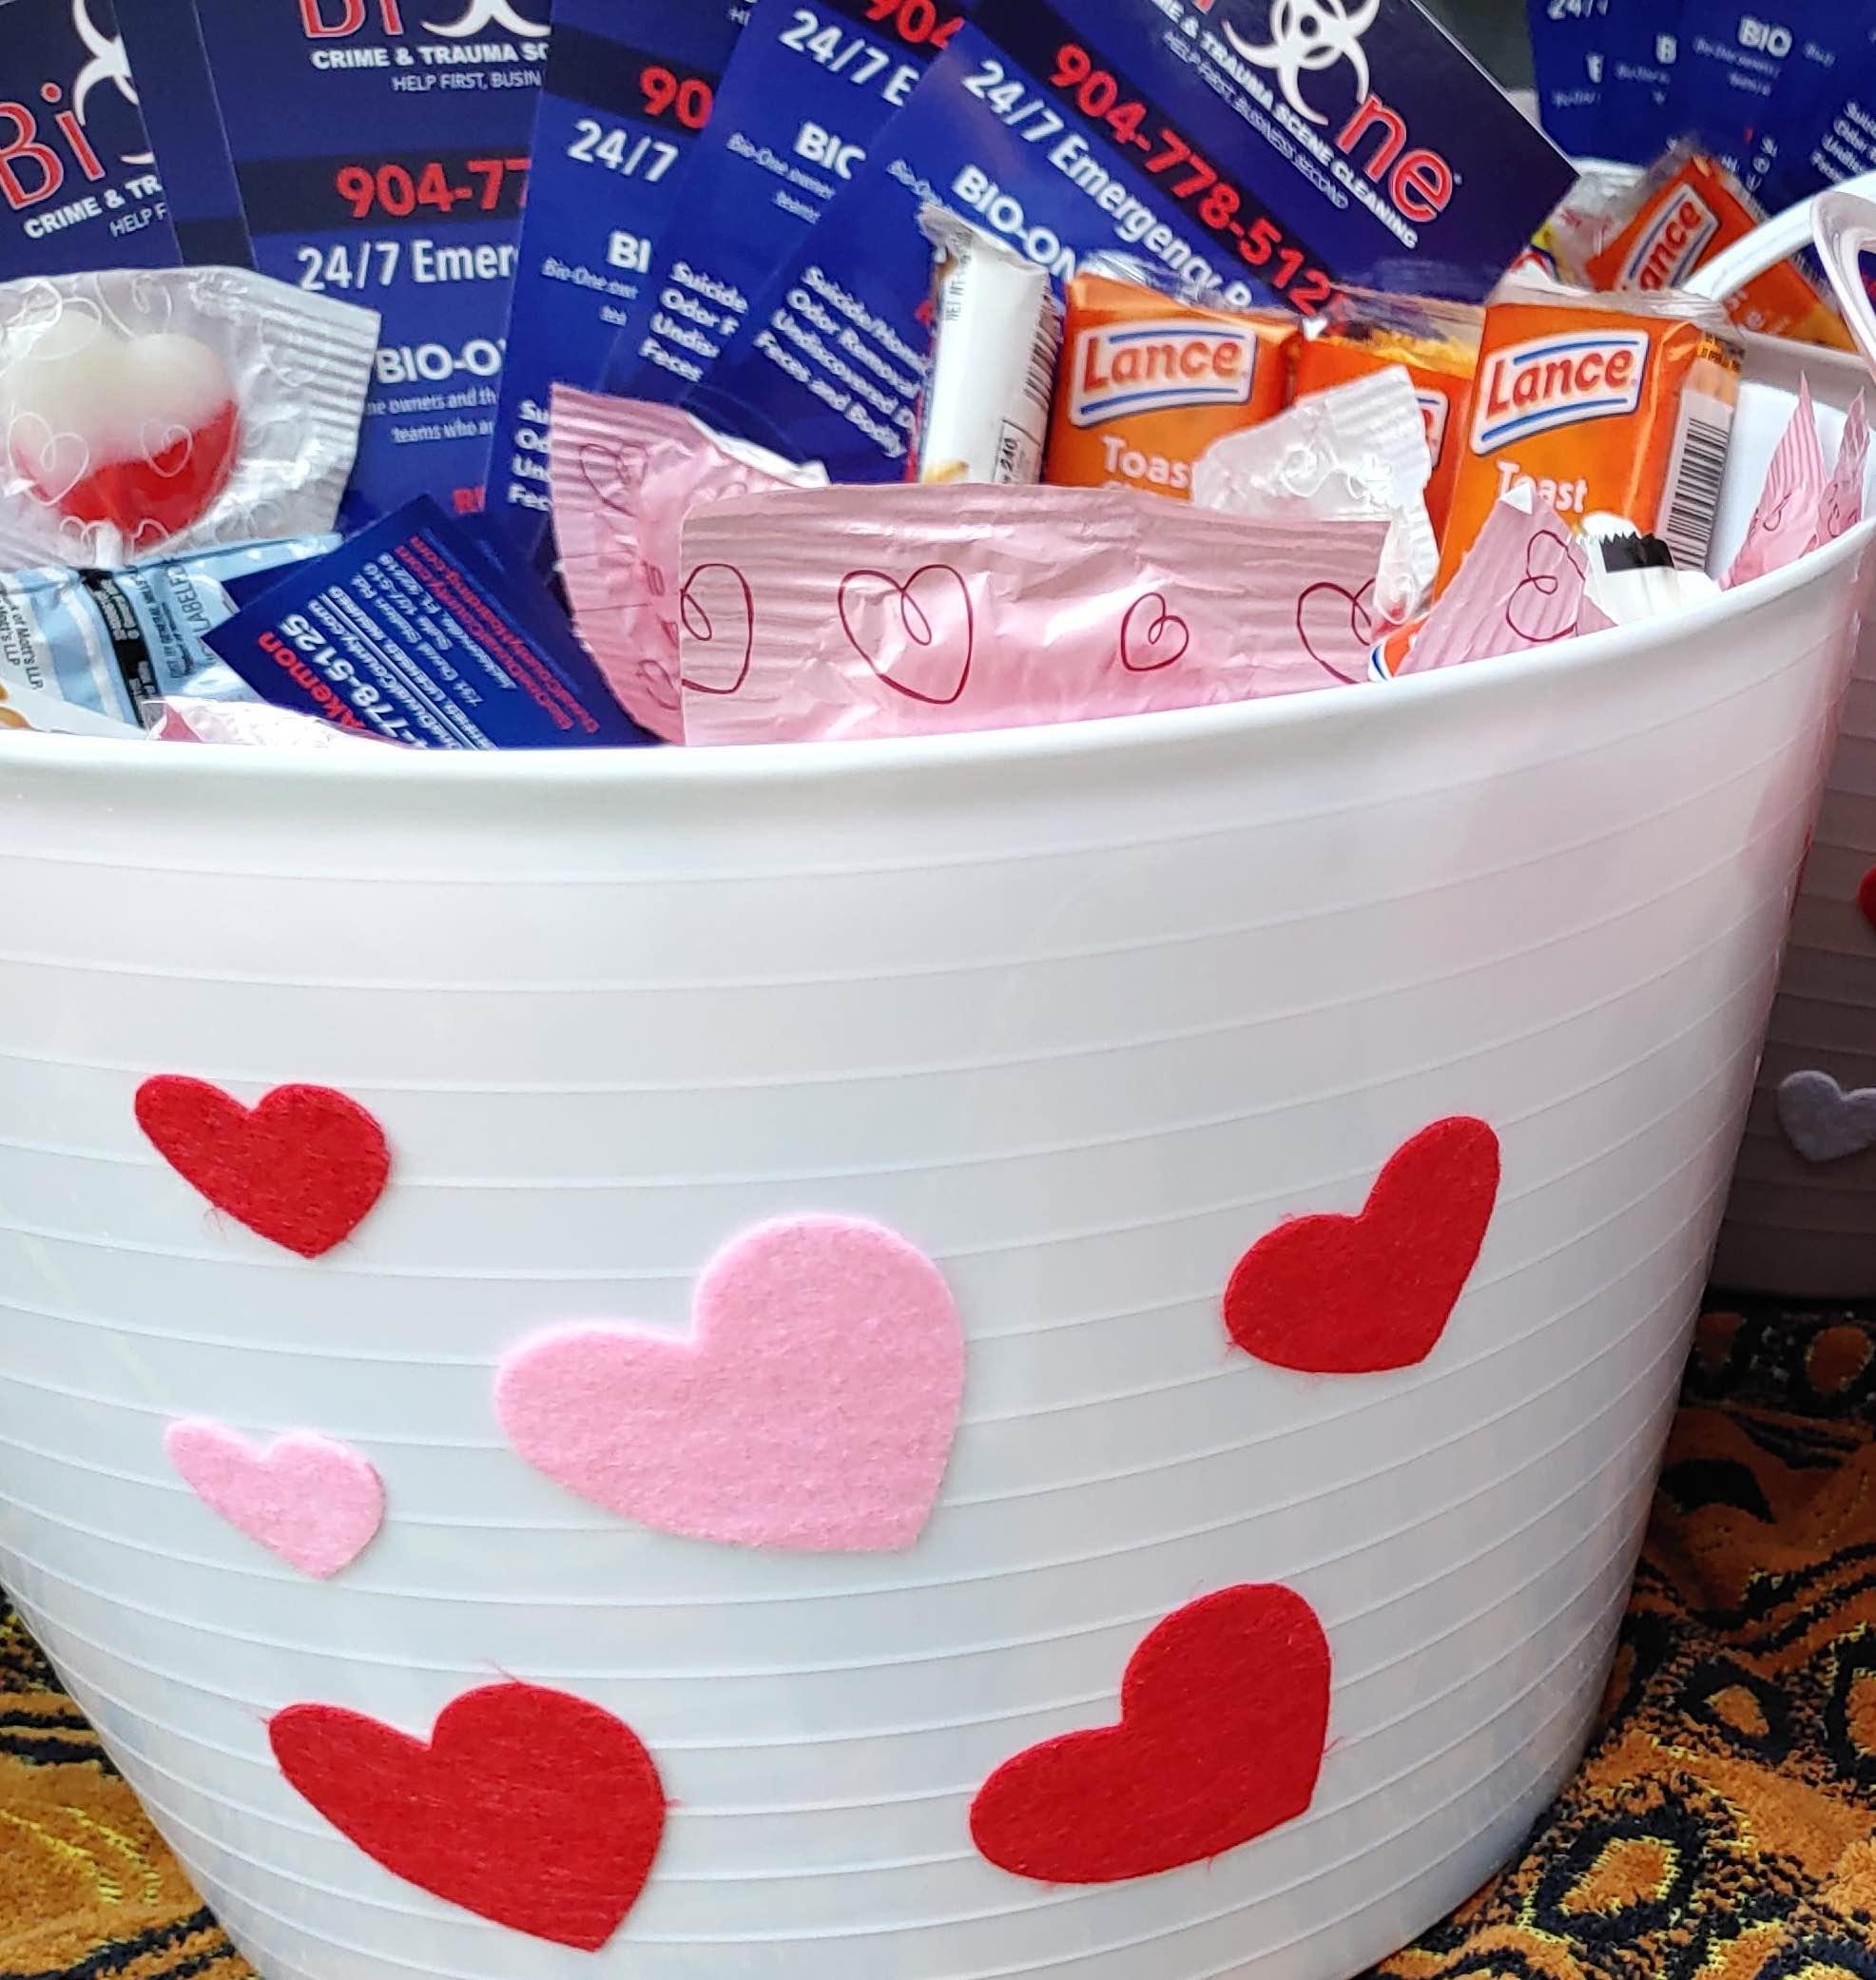 Bio-One Valentine's Day Buckets